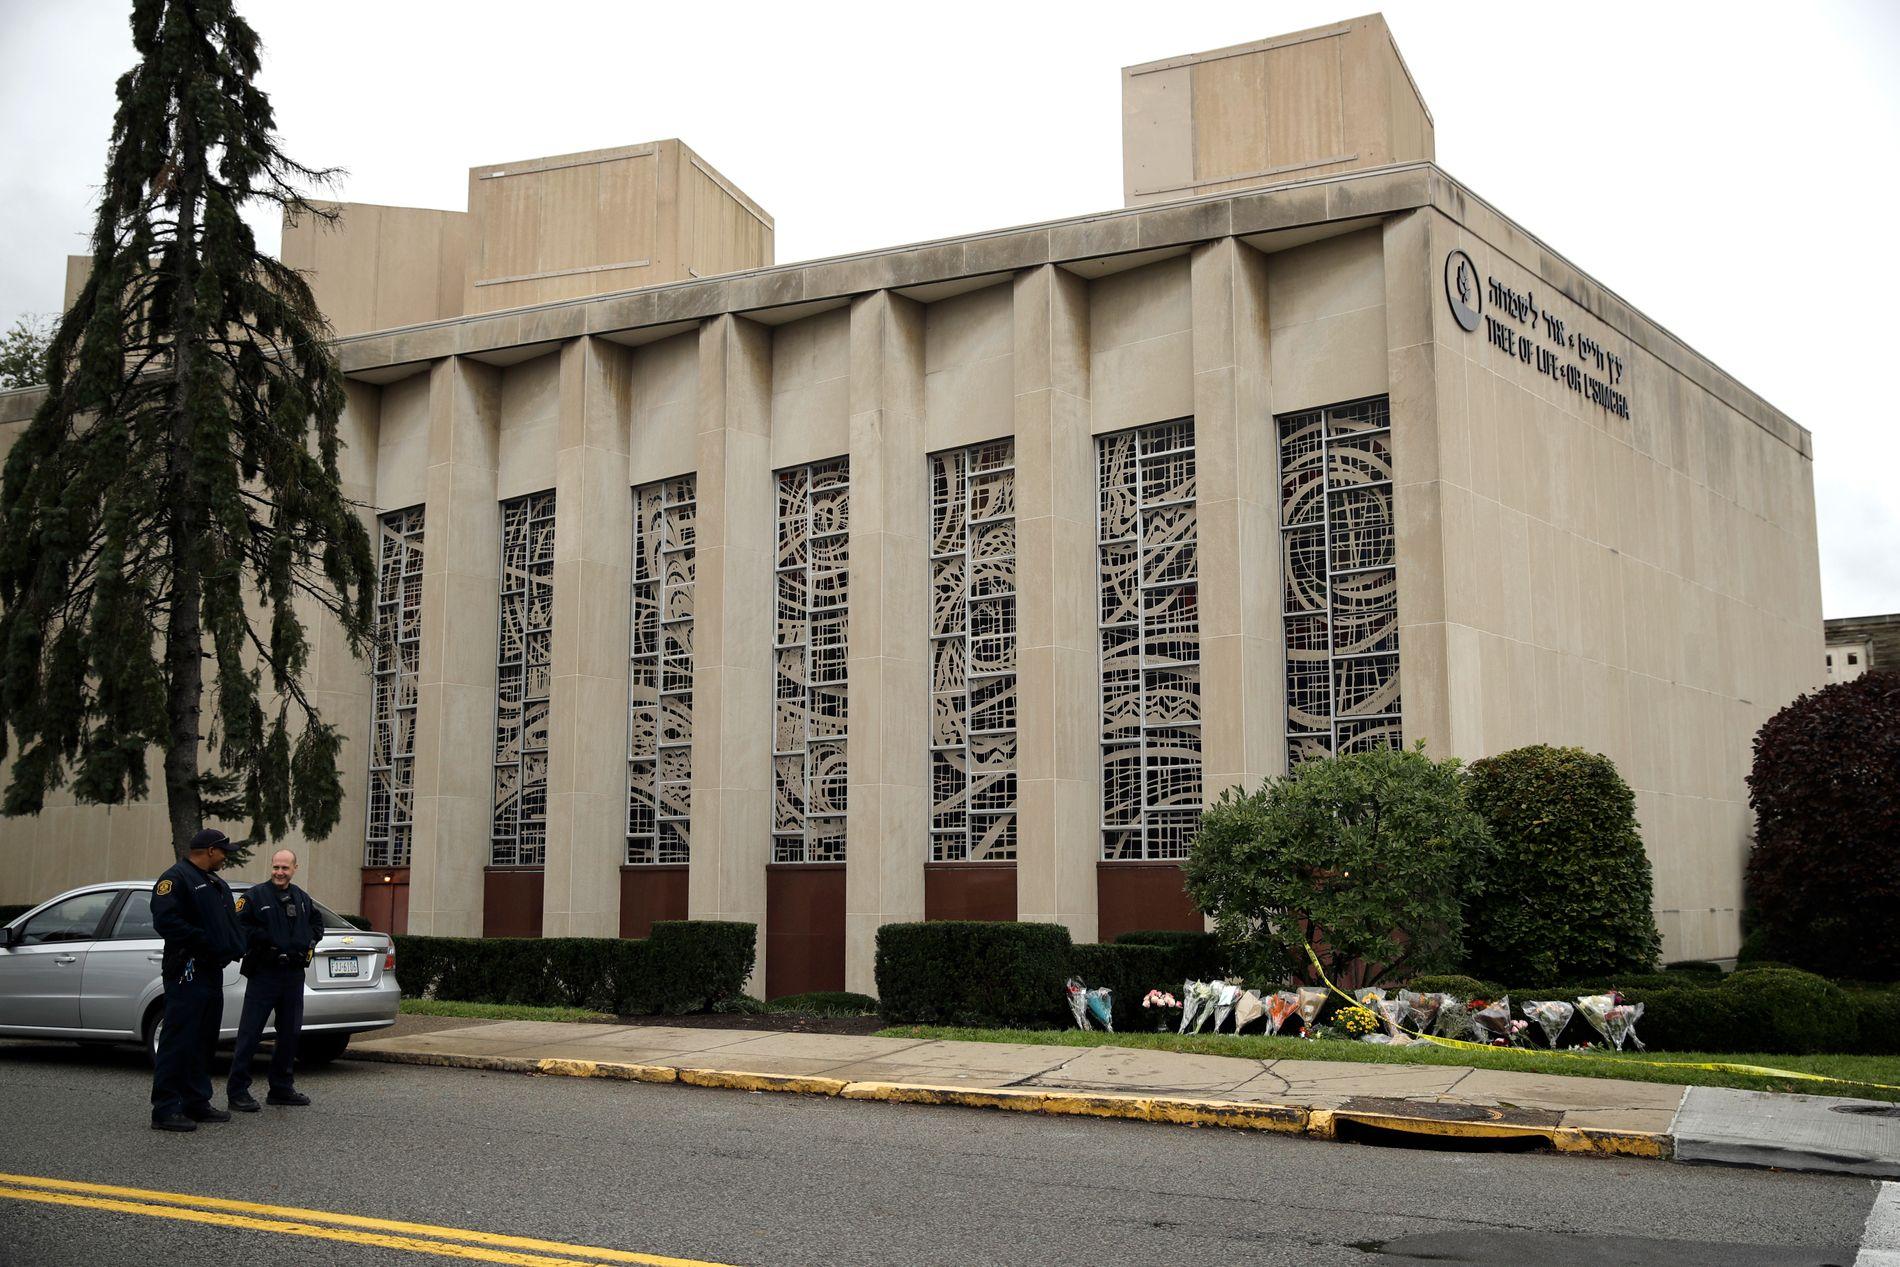 ÅSTED: Synagogen Tree of Life utenfor Pittsburgh var åsted for lørdagens massakre.